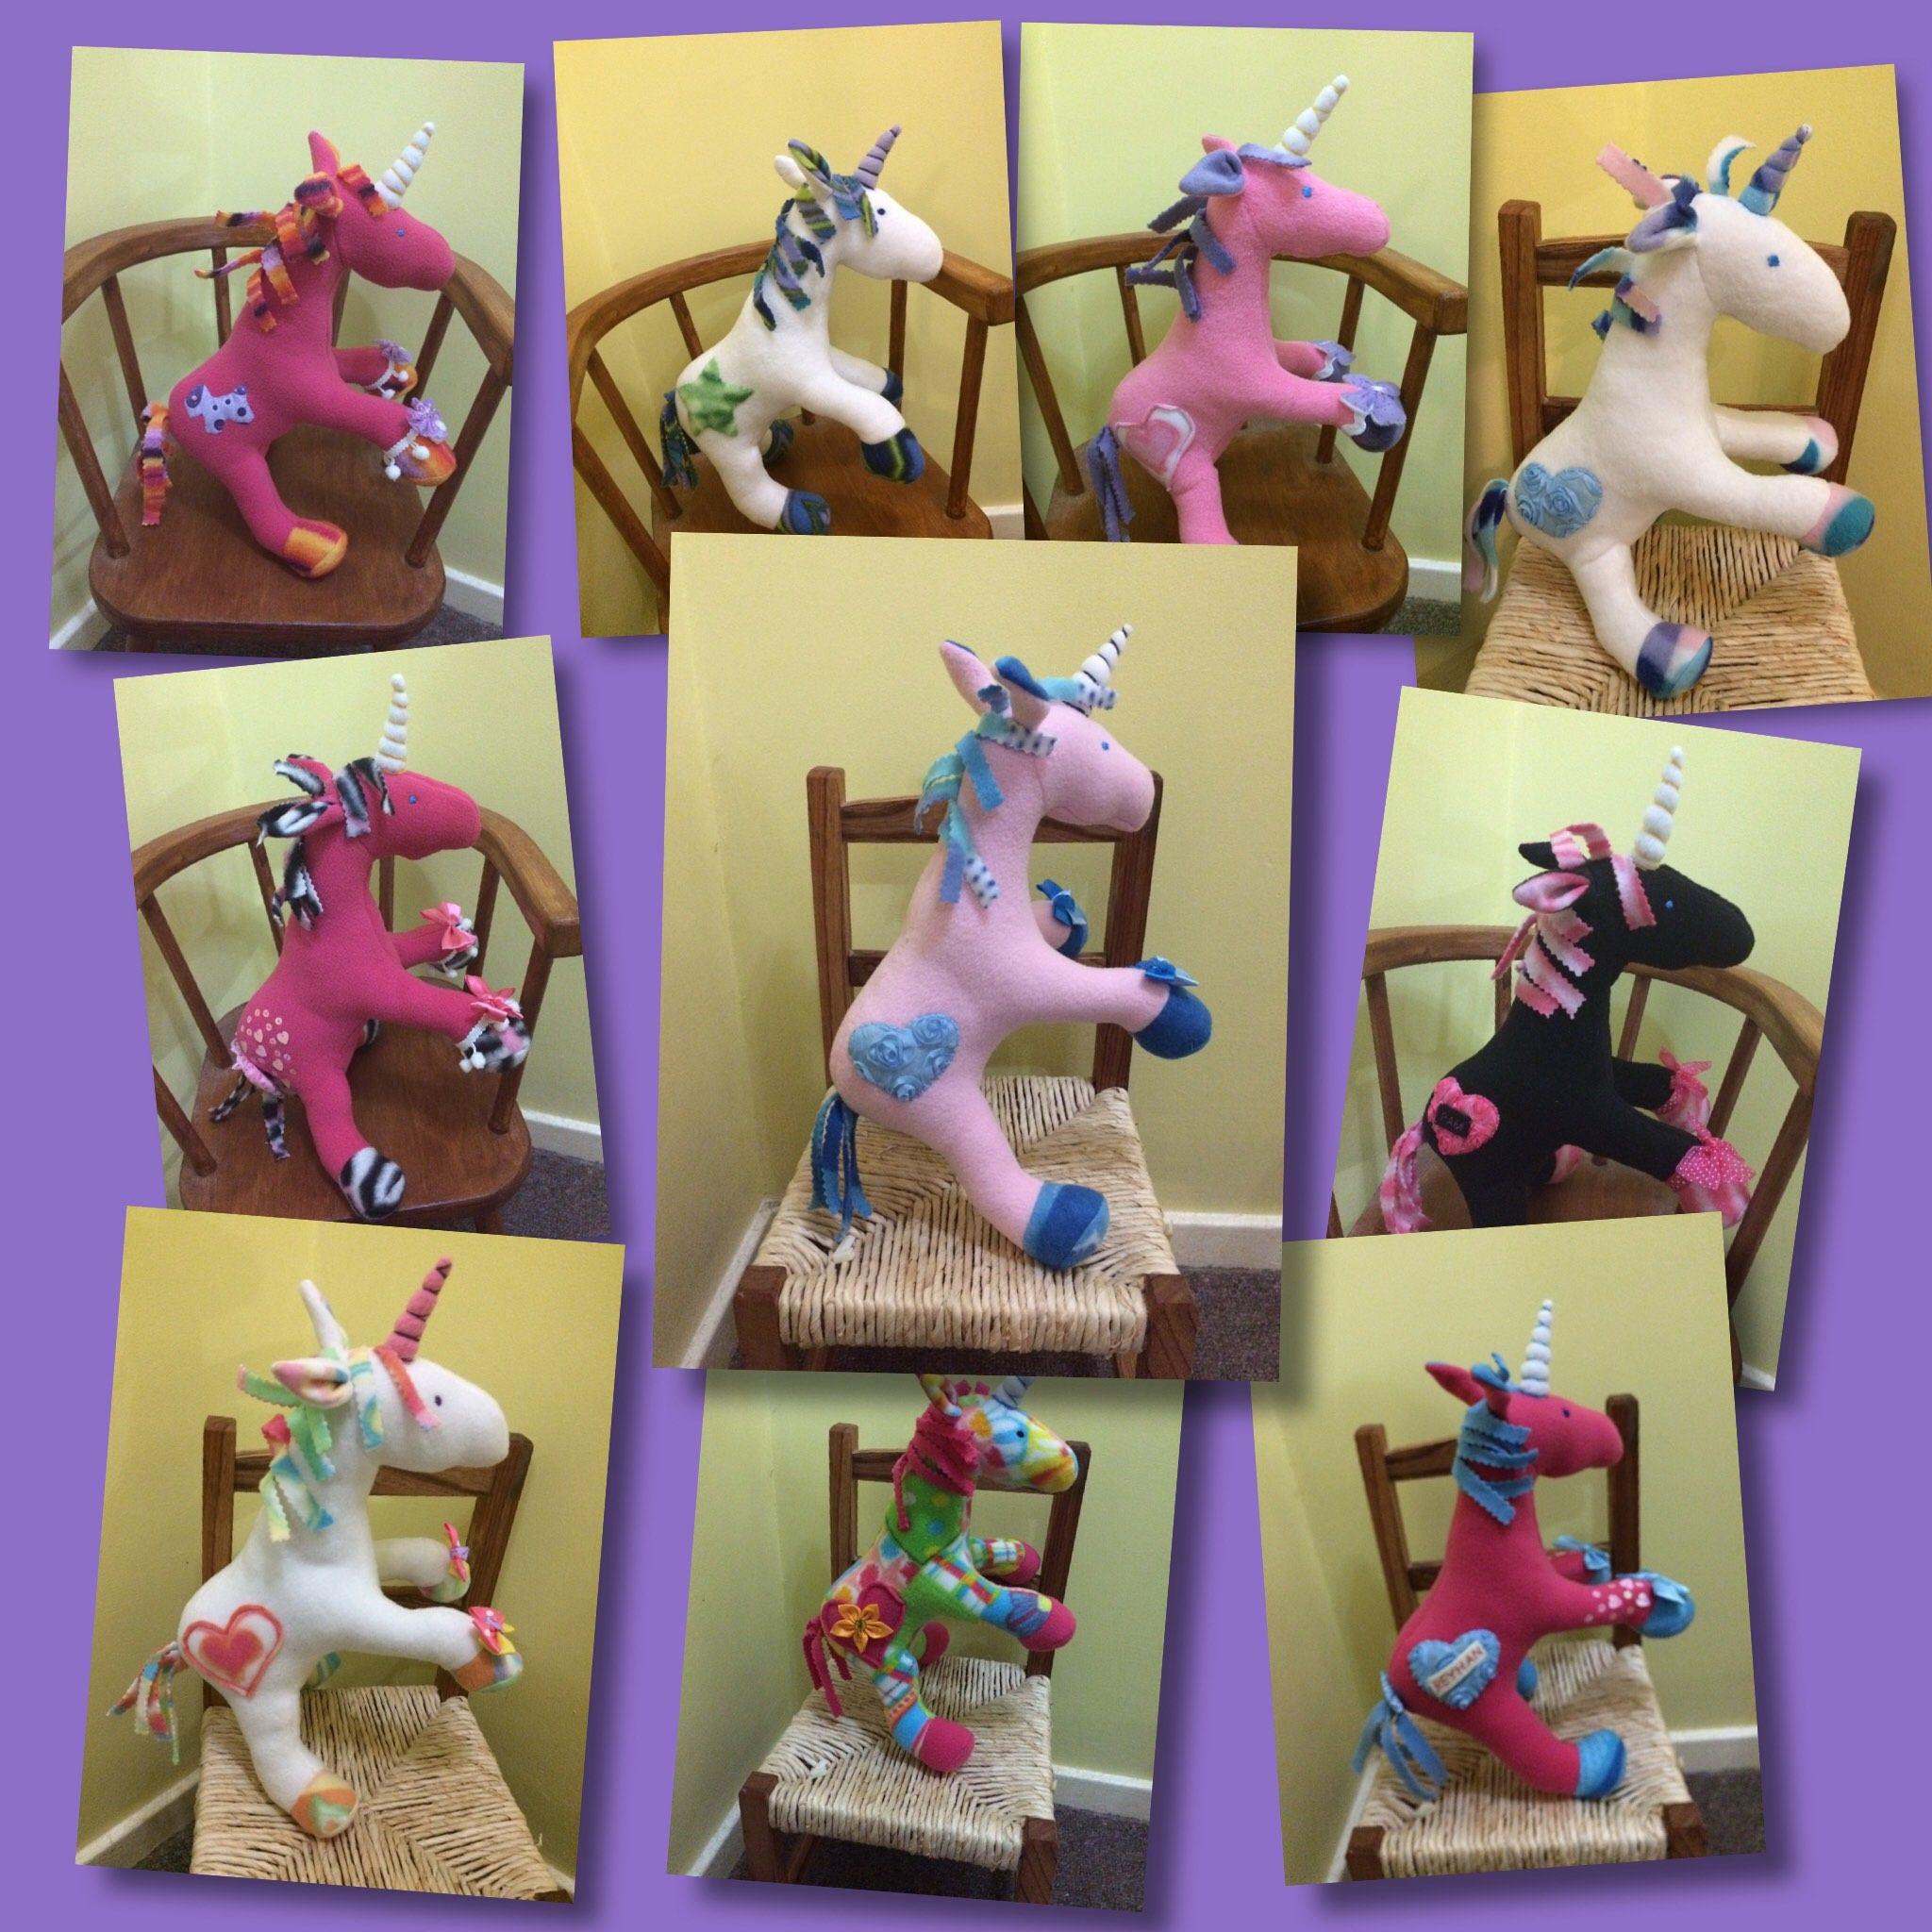 Unicorn plush toy Soft Toy unicorn Stuffed Animal gift idea birthday gift idea. Childs gift  unicorn lover made for you personslised.